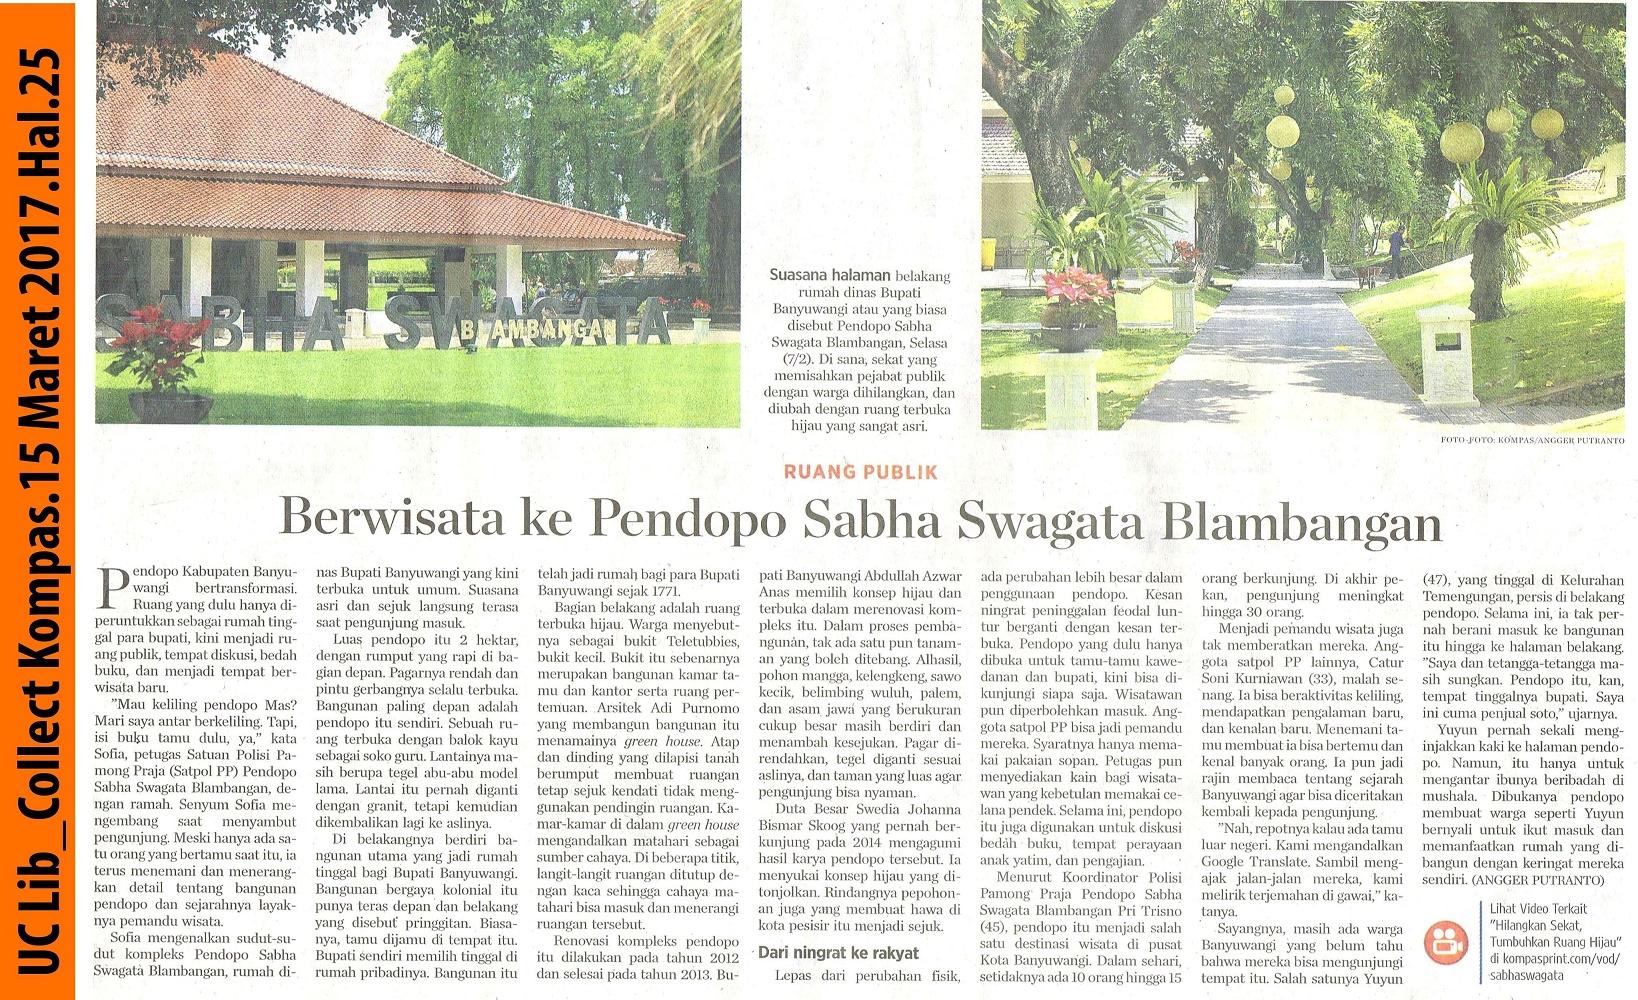 Berwisata ke Pondopo Sabha Swagata Blambangan.Kompas.15 Maret 2017.Hal.25